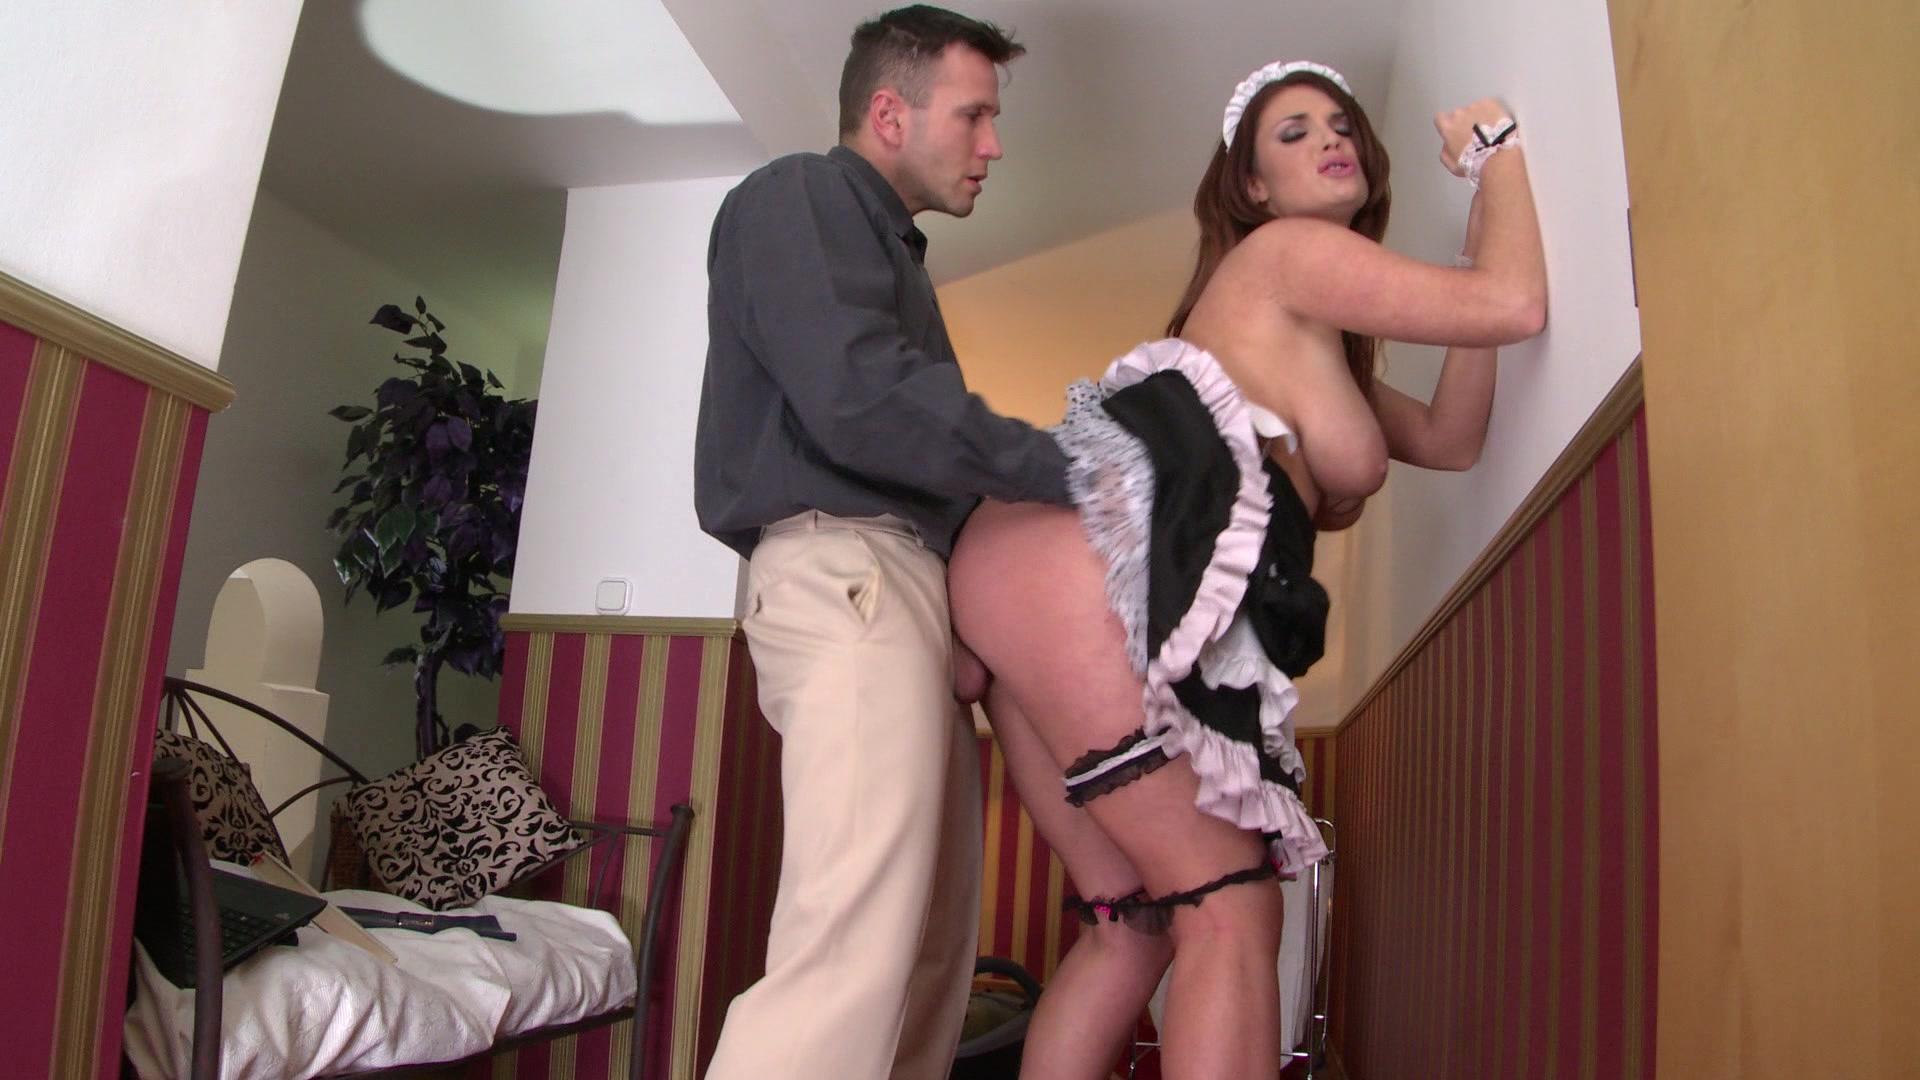 порно муж трахает домработницу пока жена не видит приспустила